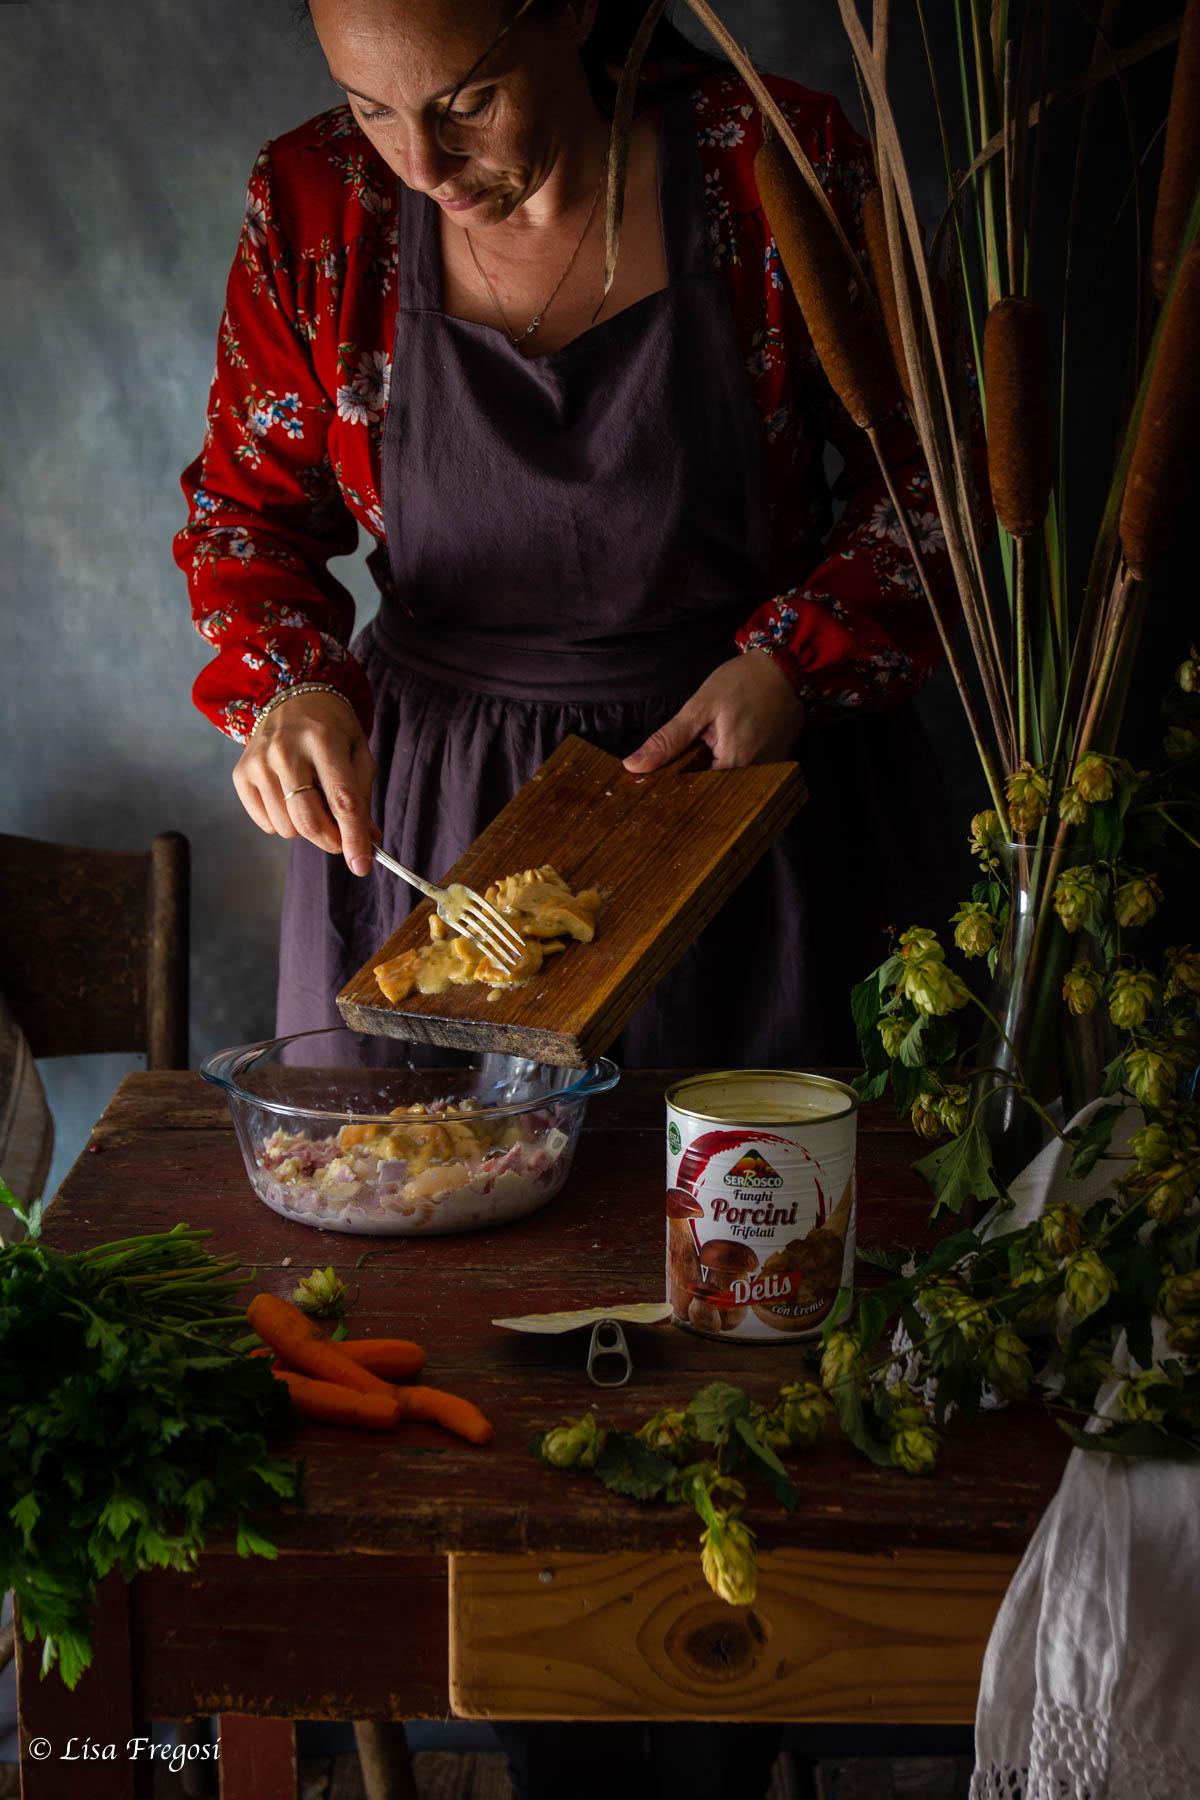 foto gallina ripiena, gallina ripiena in forno, la gallina ripiena, gallina padovana ripiena, gallina ripiena ricetta, gallina ripiena veneta